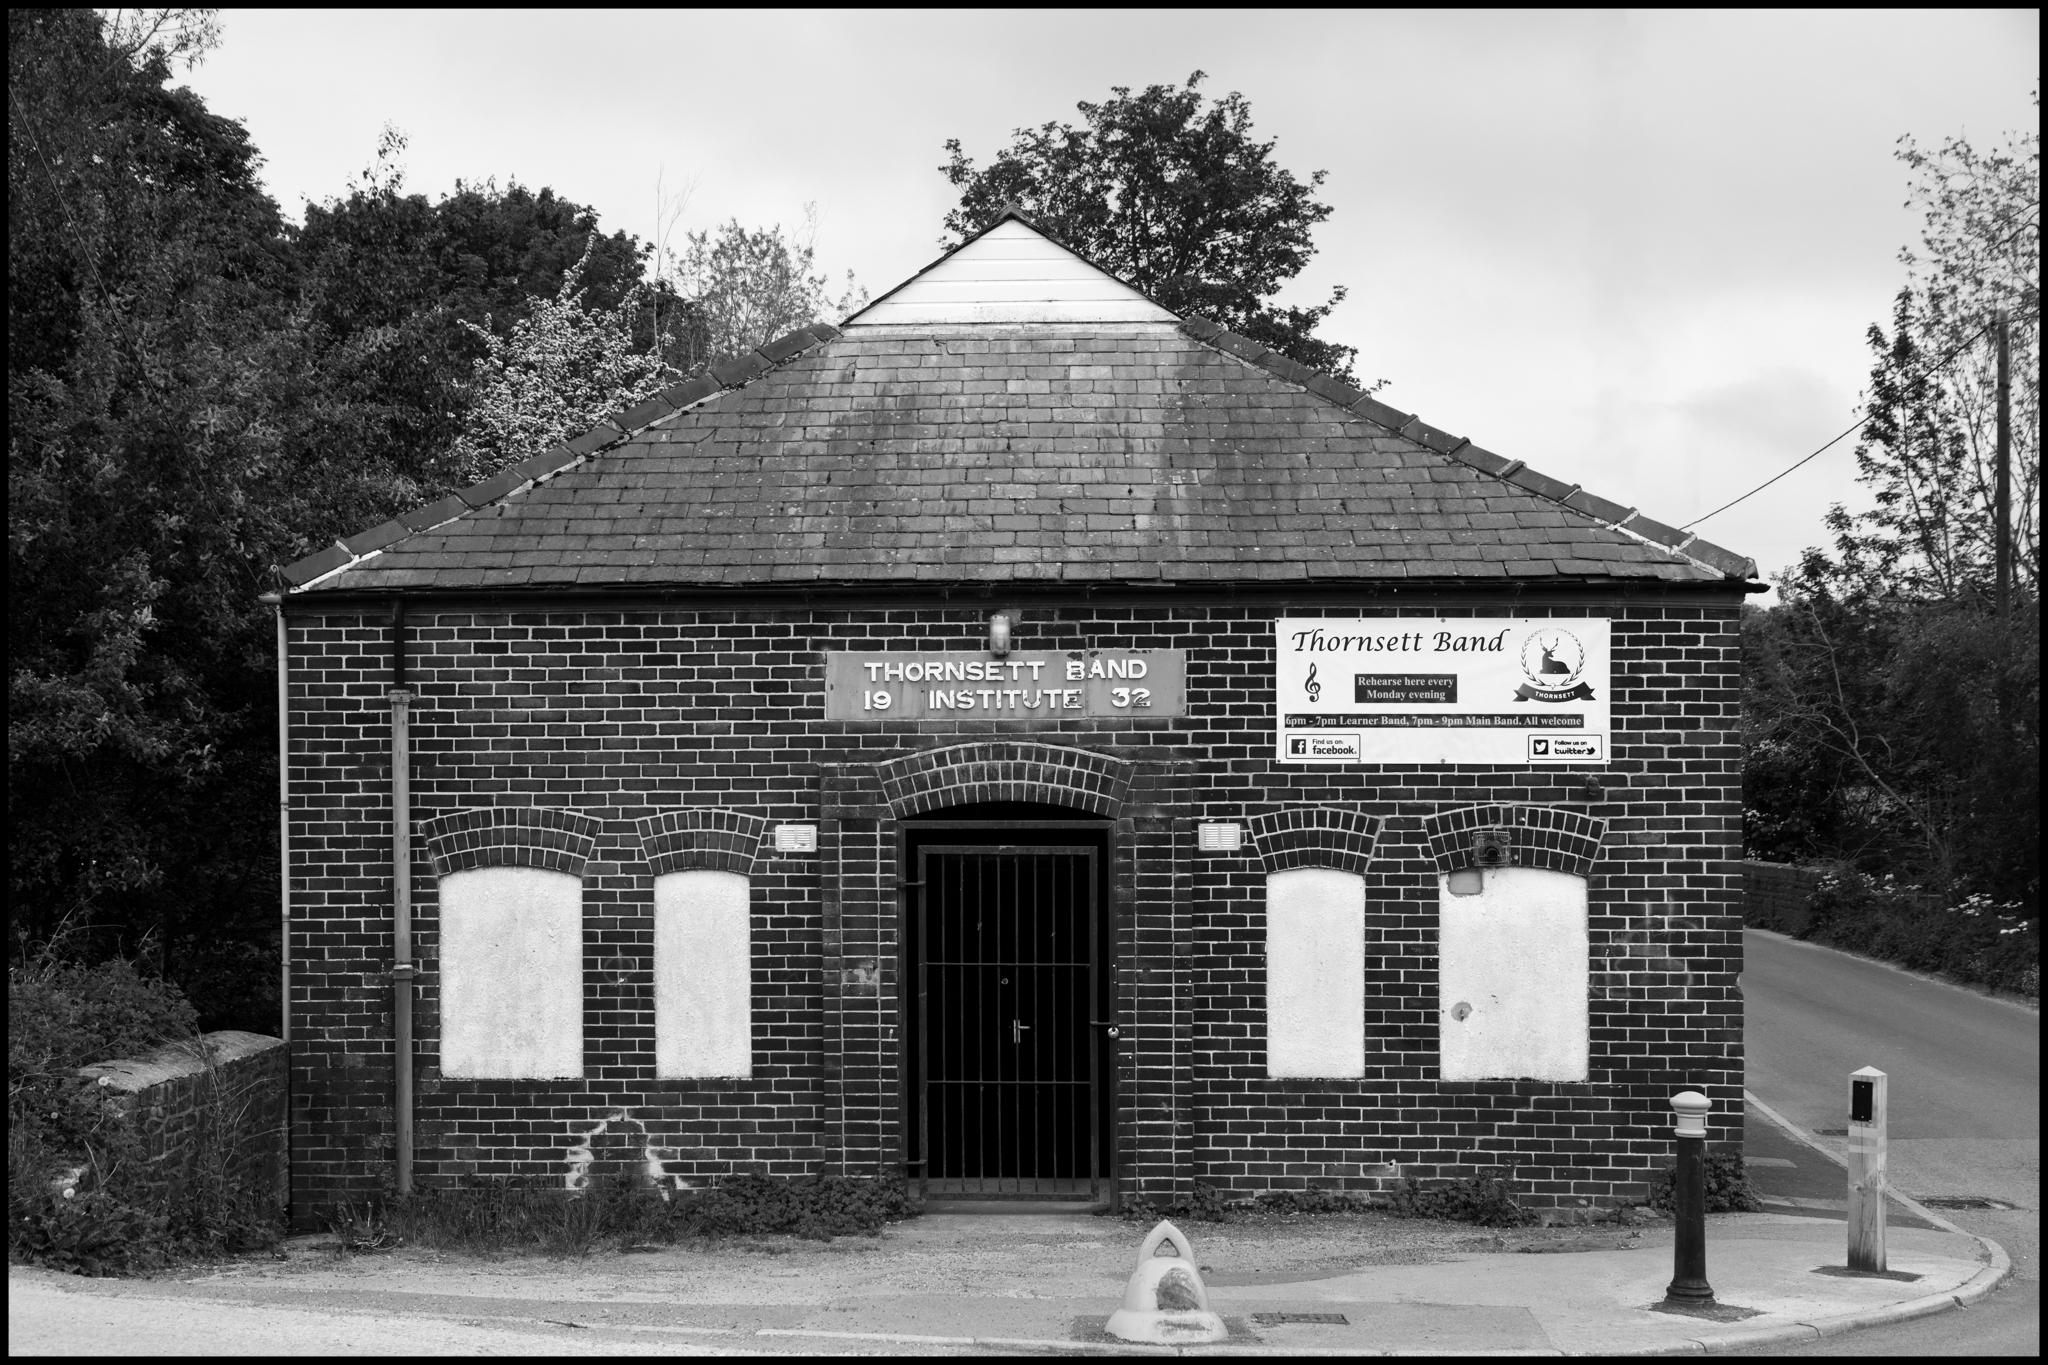 16 Jun 2019 - Thornsett Band iInstitute, New Mills UK